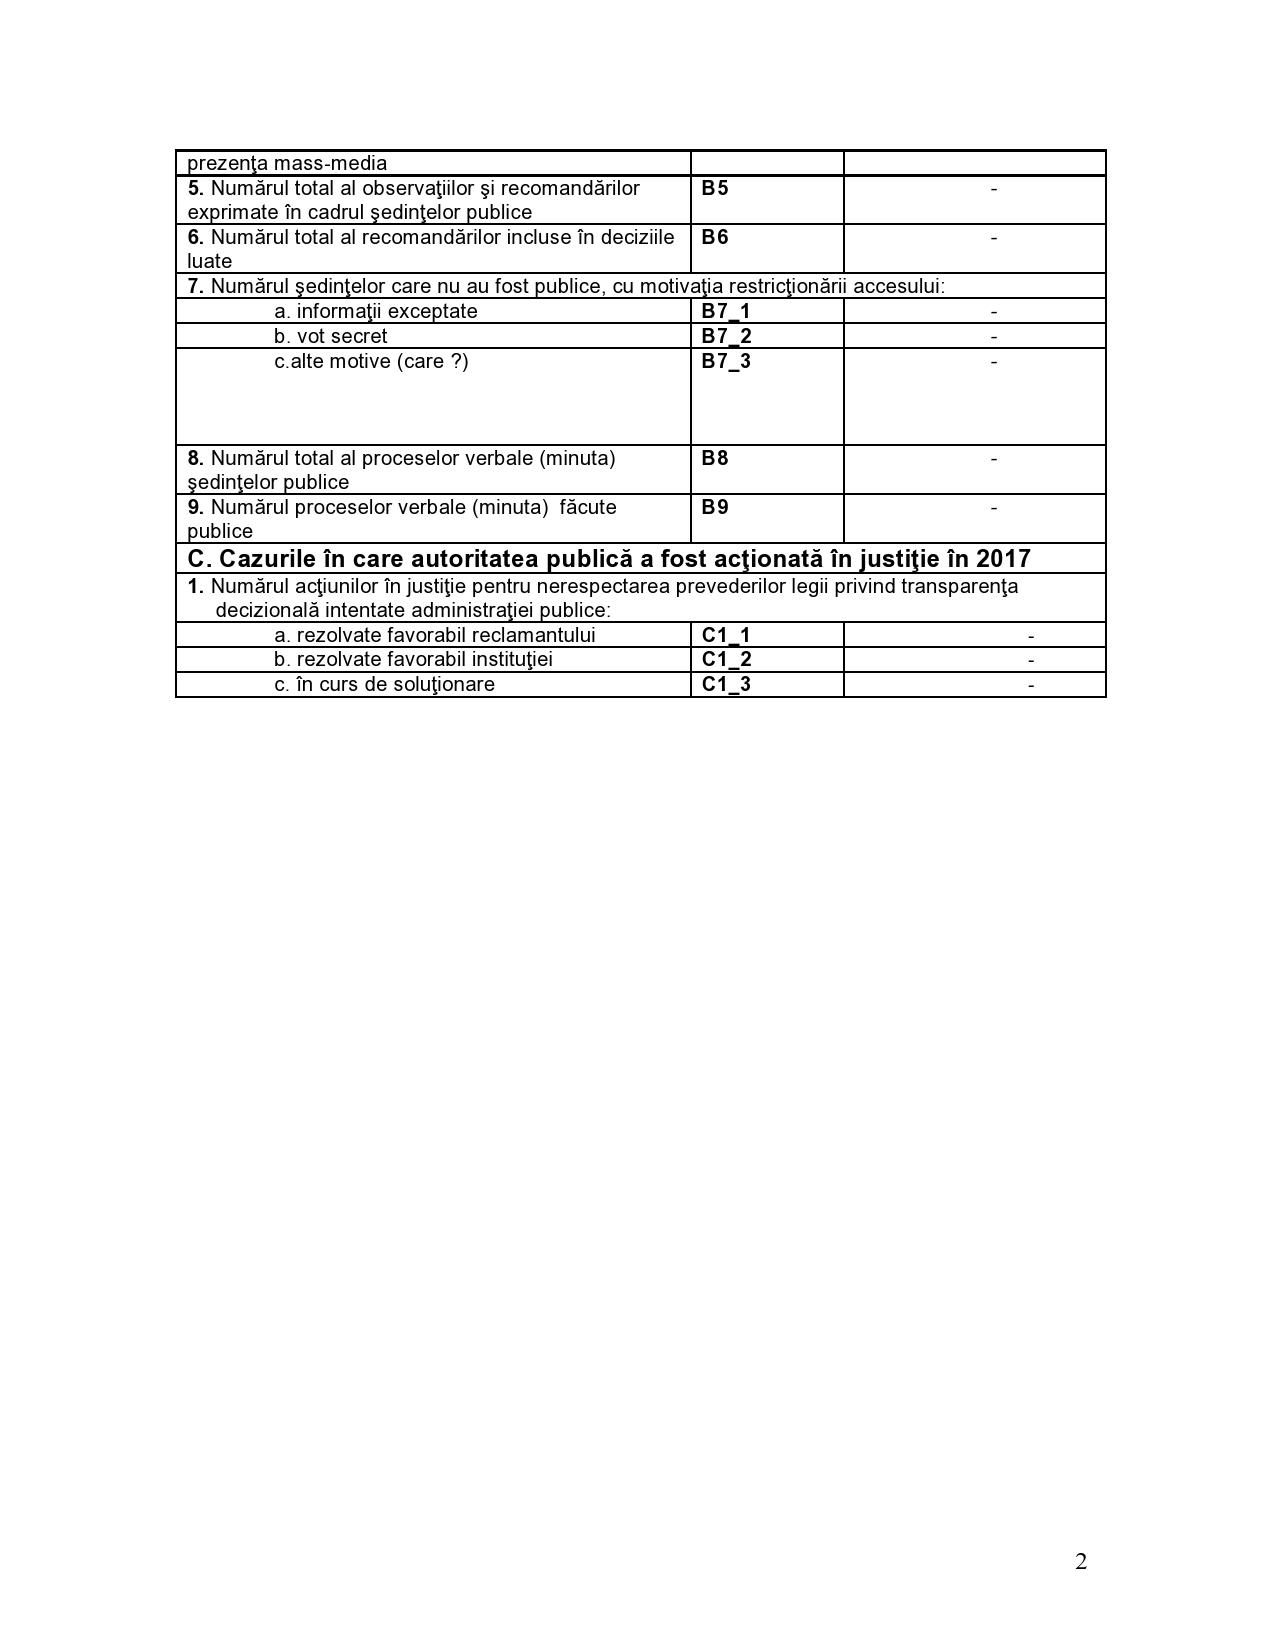 RAPORT DE EVALUARE L52 final-page0002